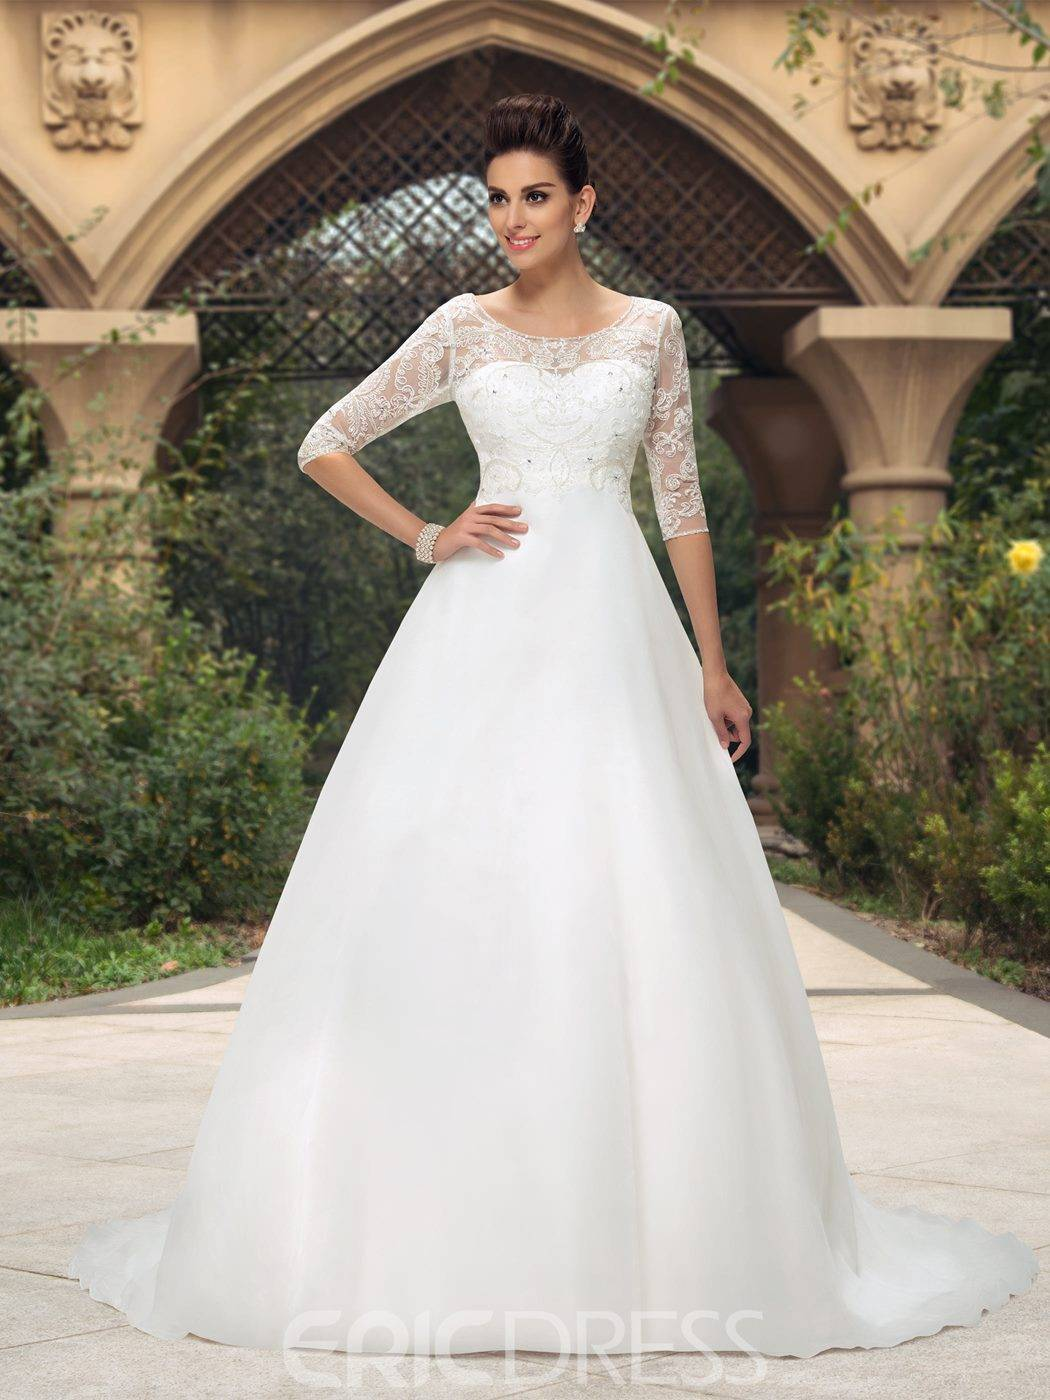 Элегантные свадебные платья – простота и изящество линий